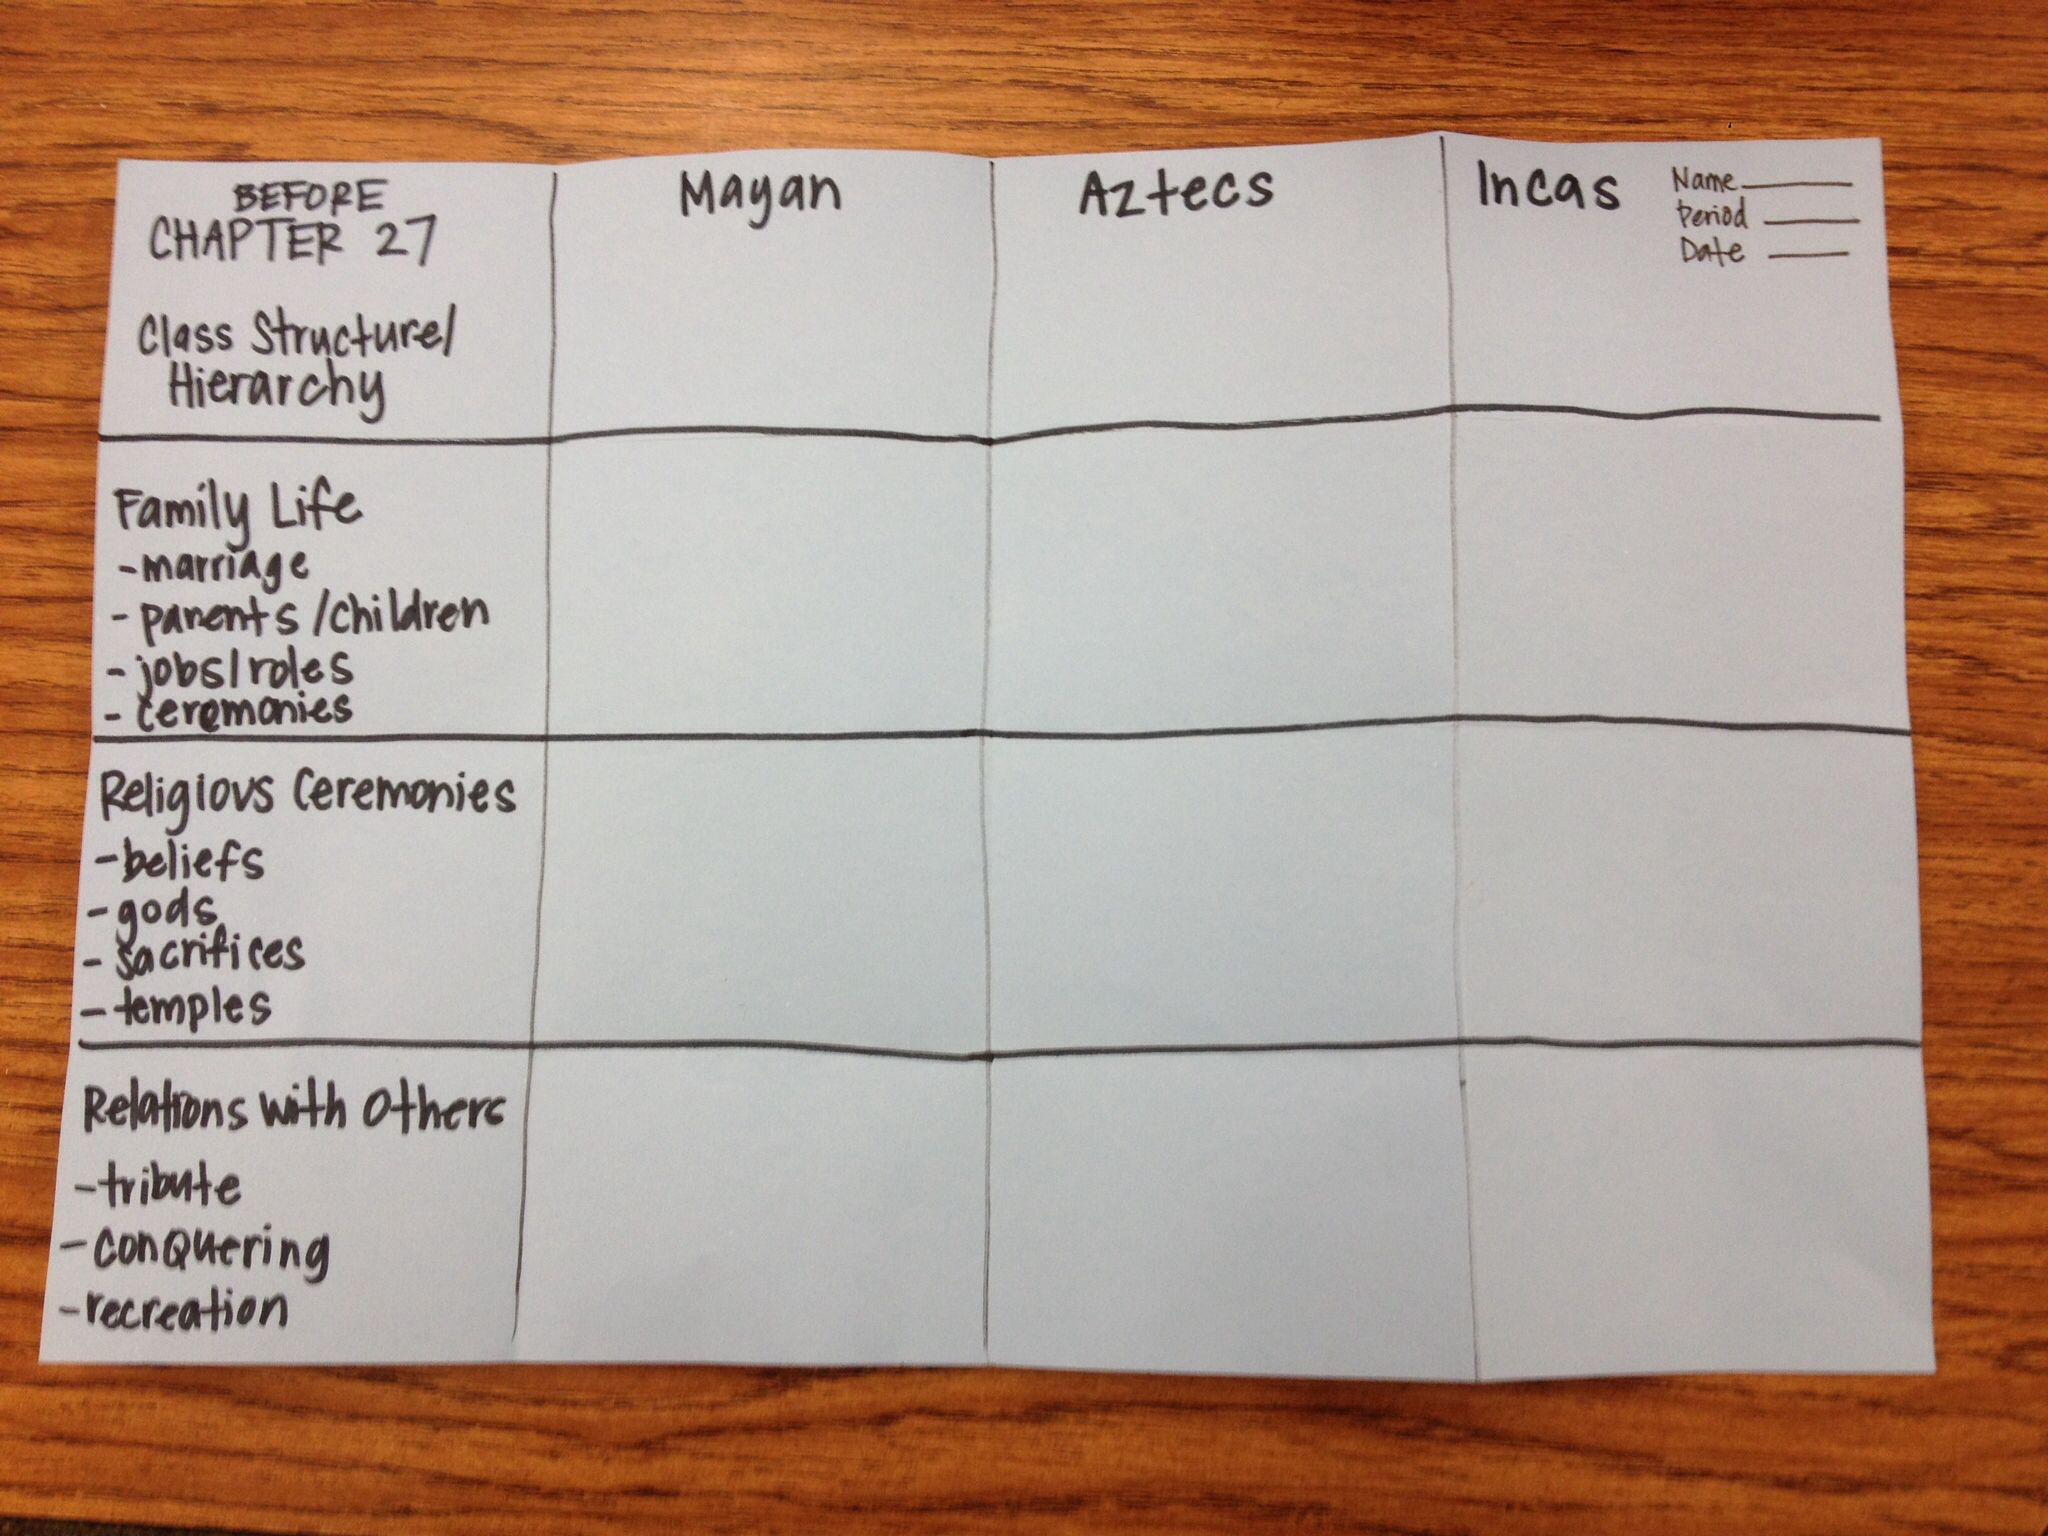 Comparing Aztecs Mayan And Incas Ways 7th Grade History Chart